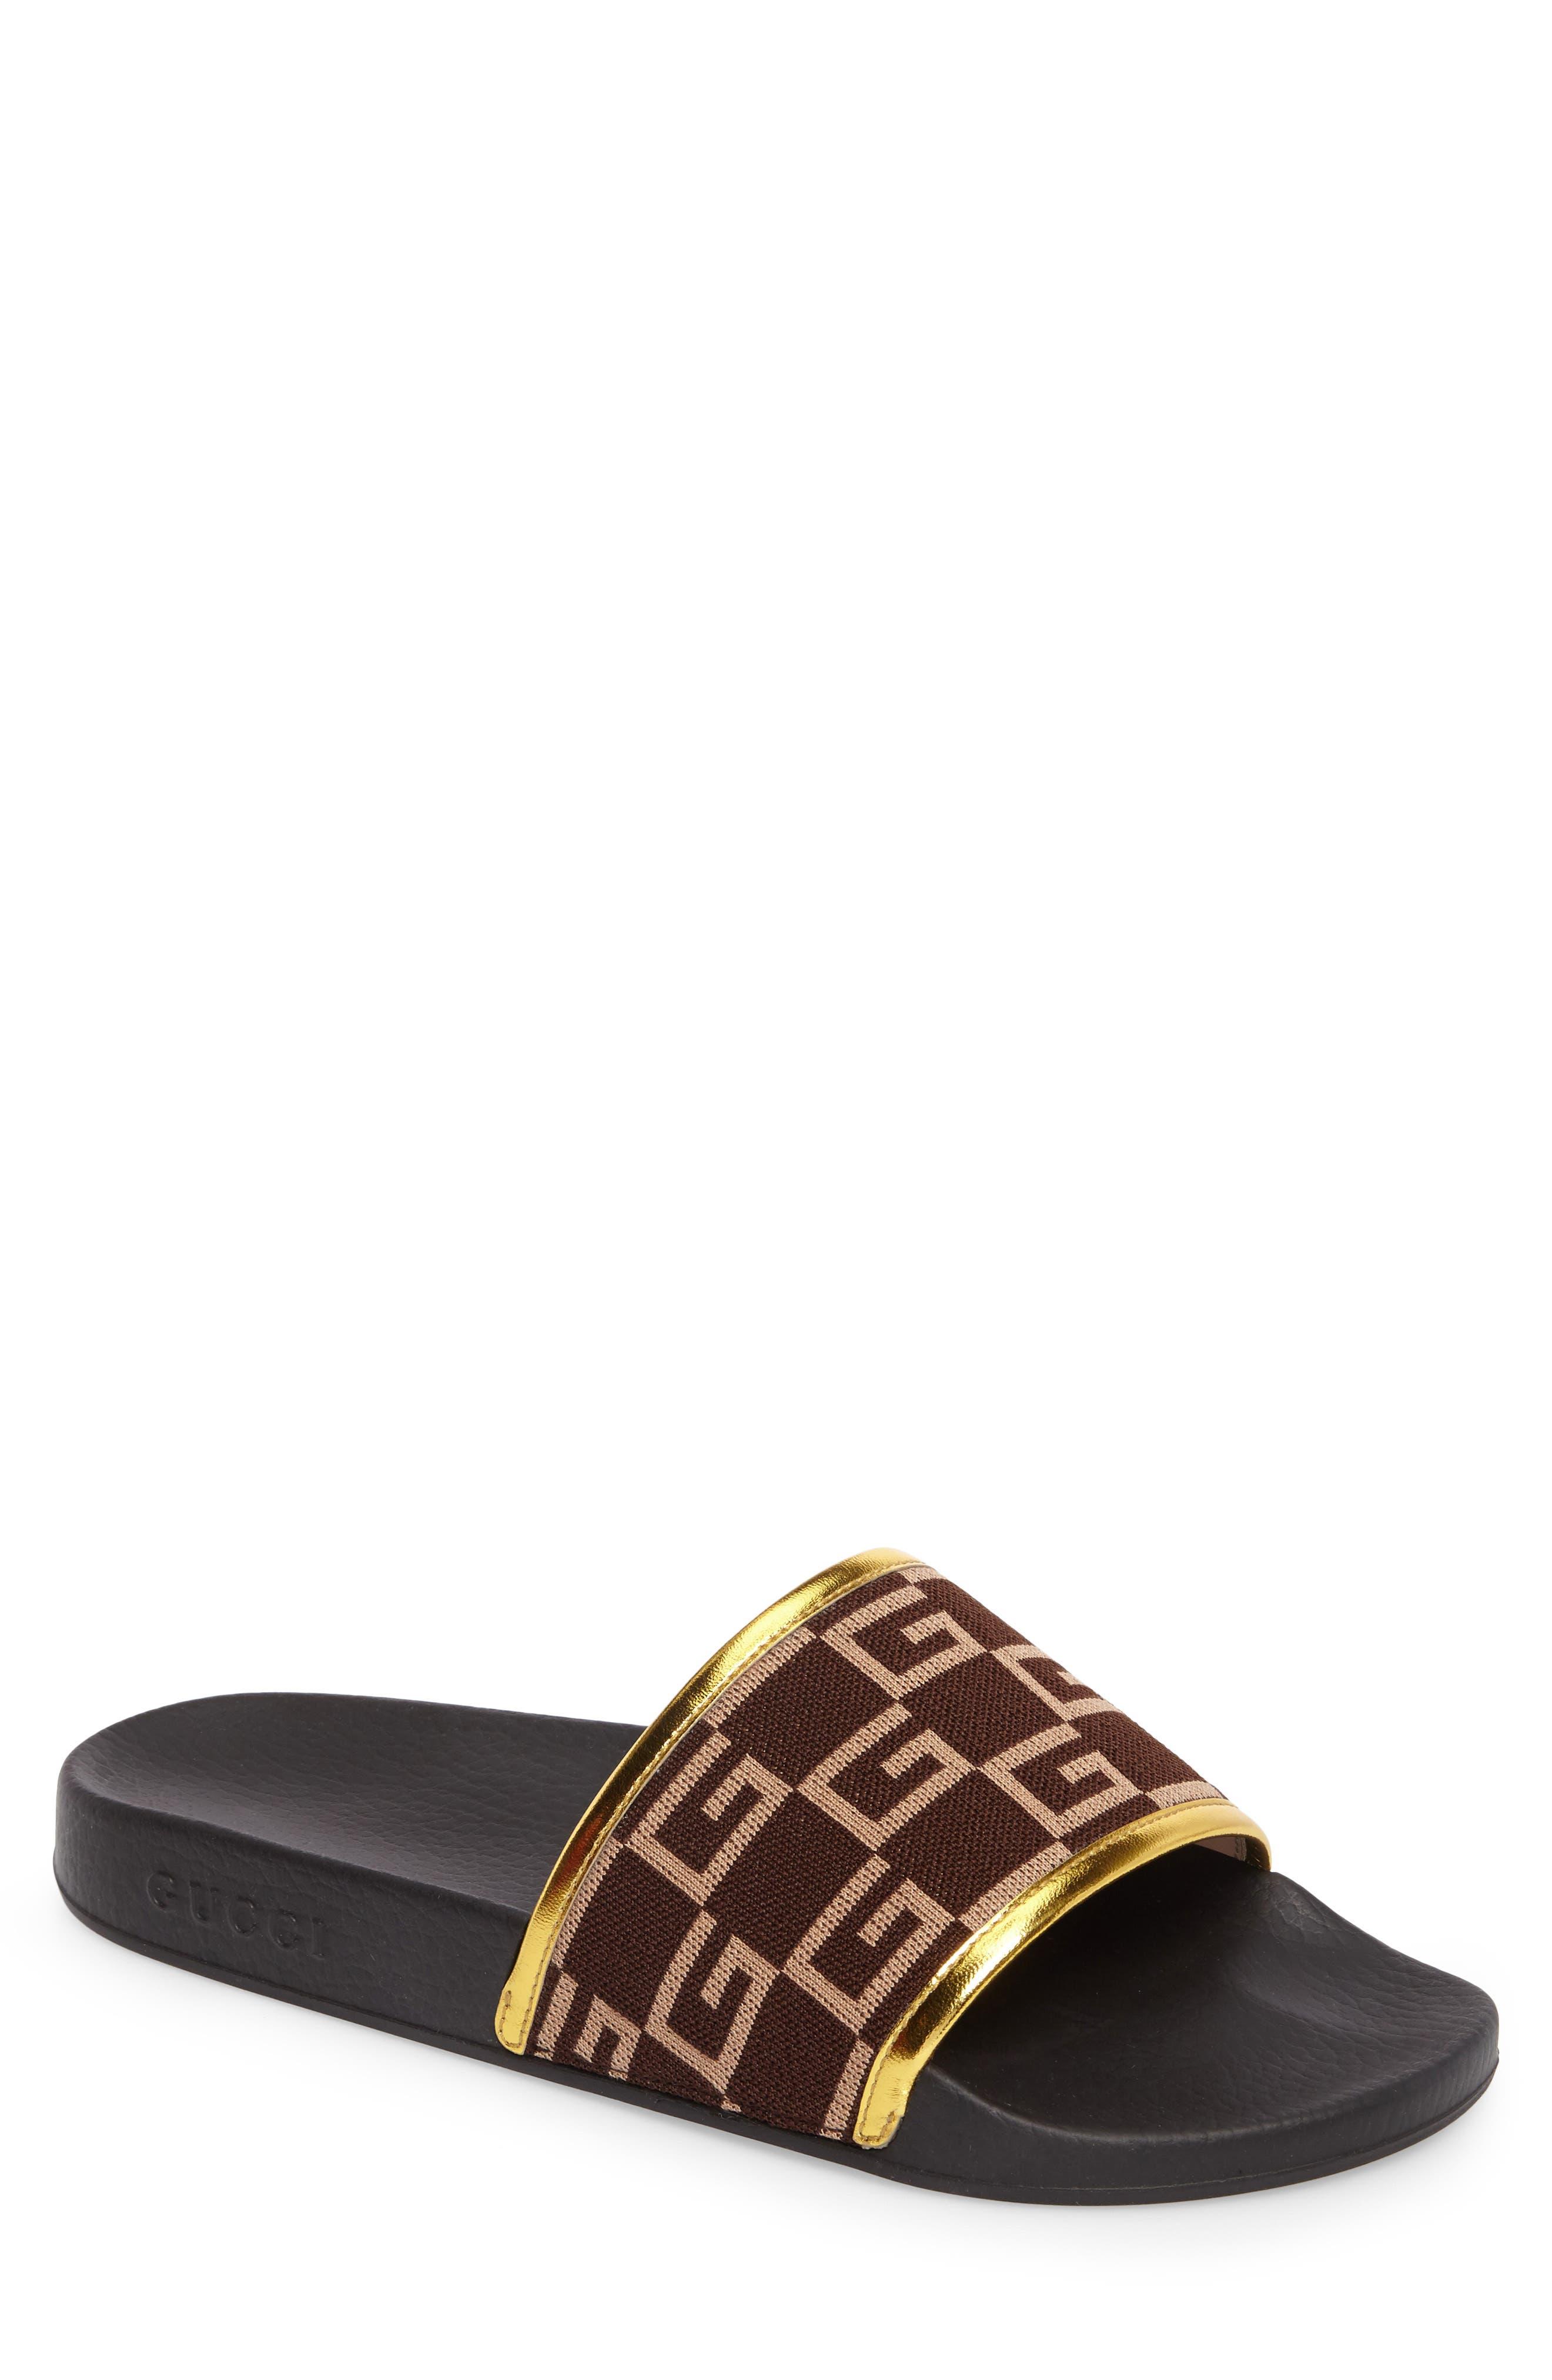 Pursuit Slide Sandal,                         Main,                         color, Brown